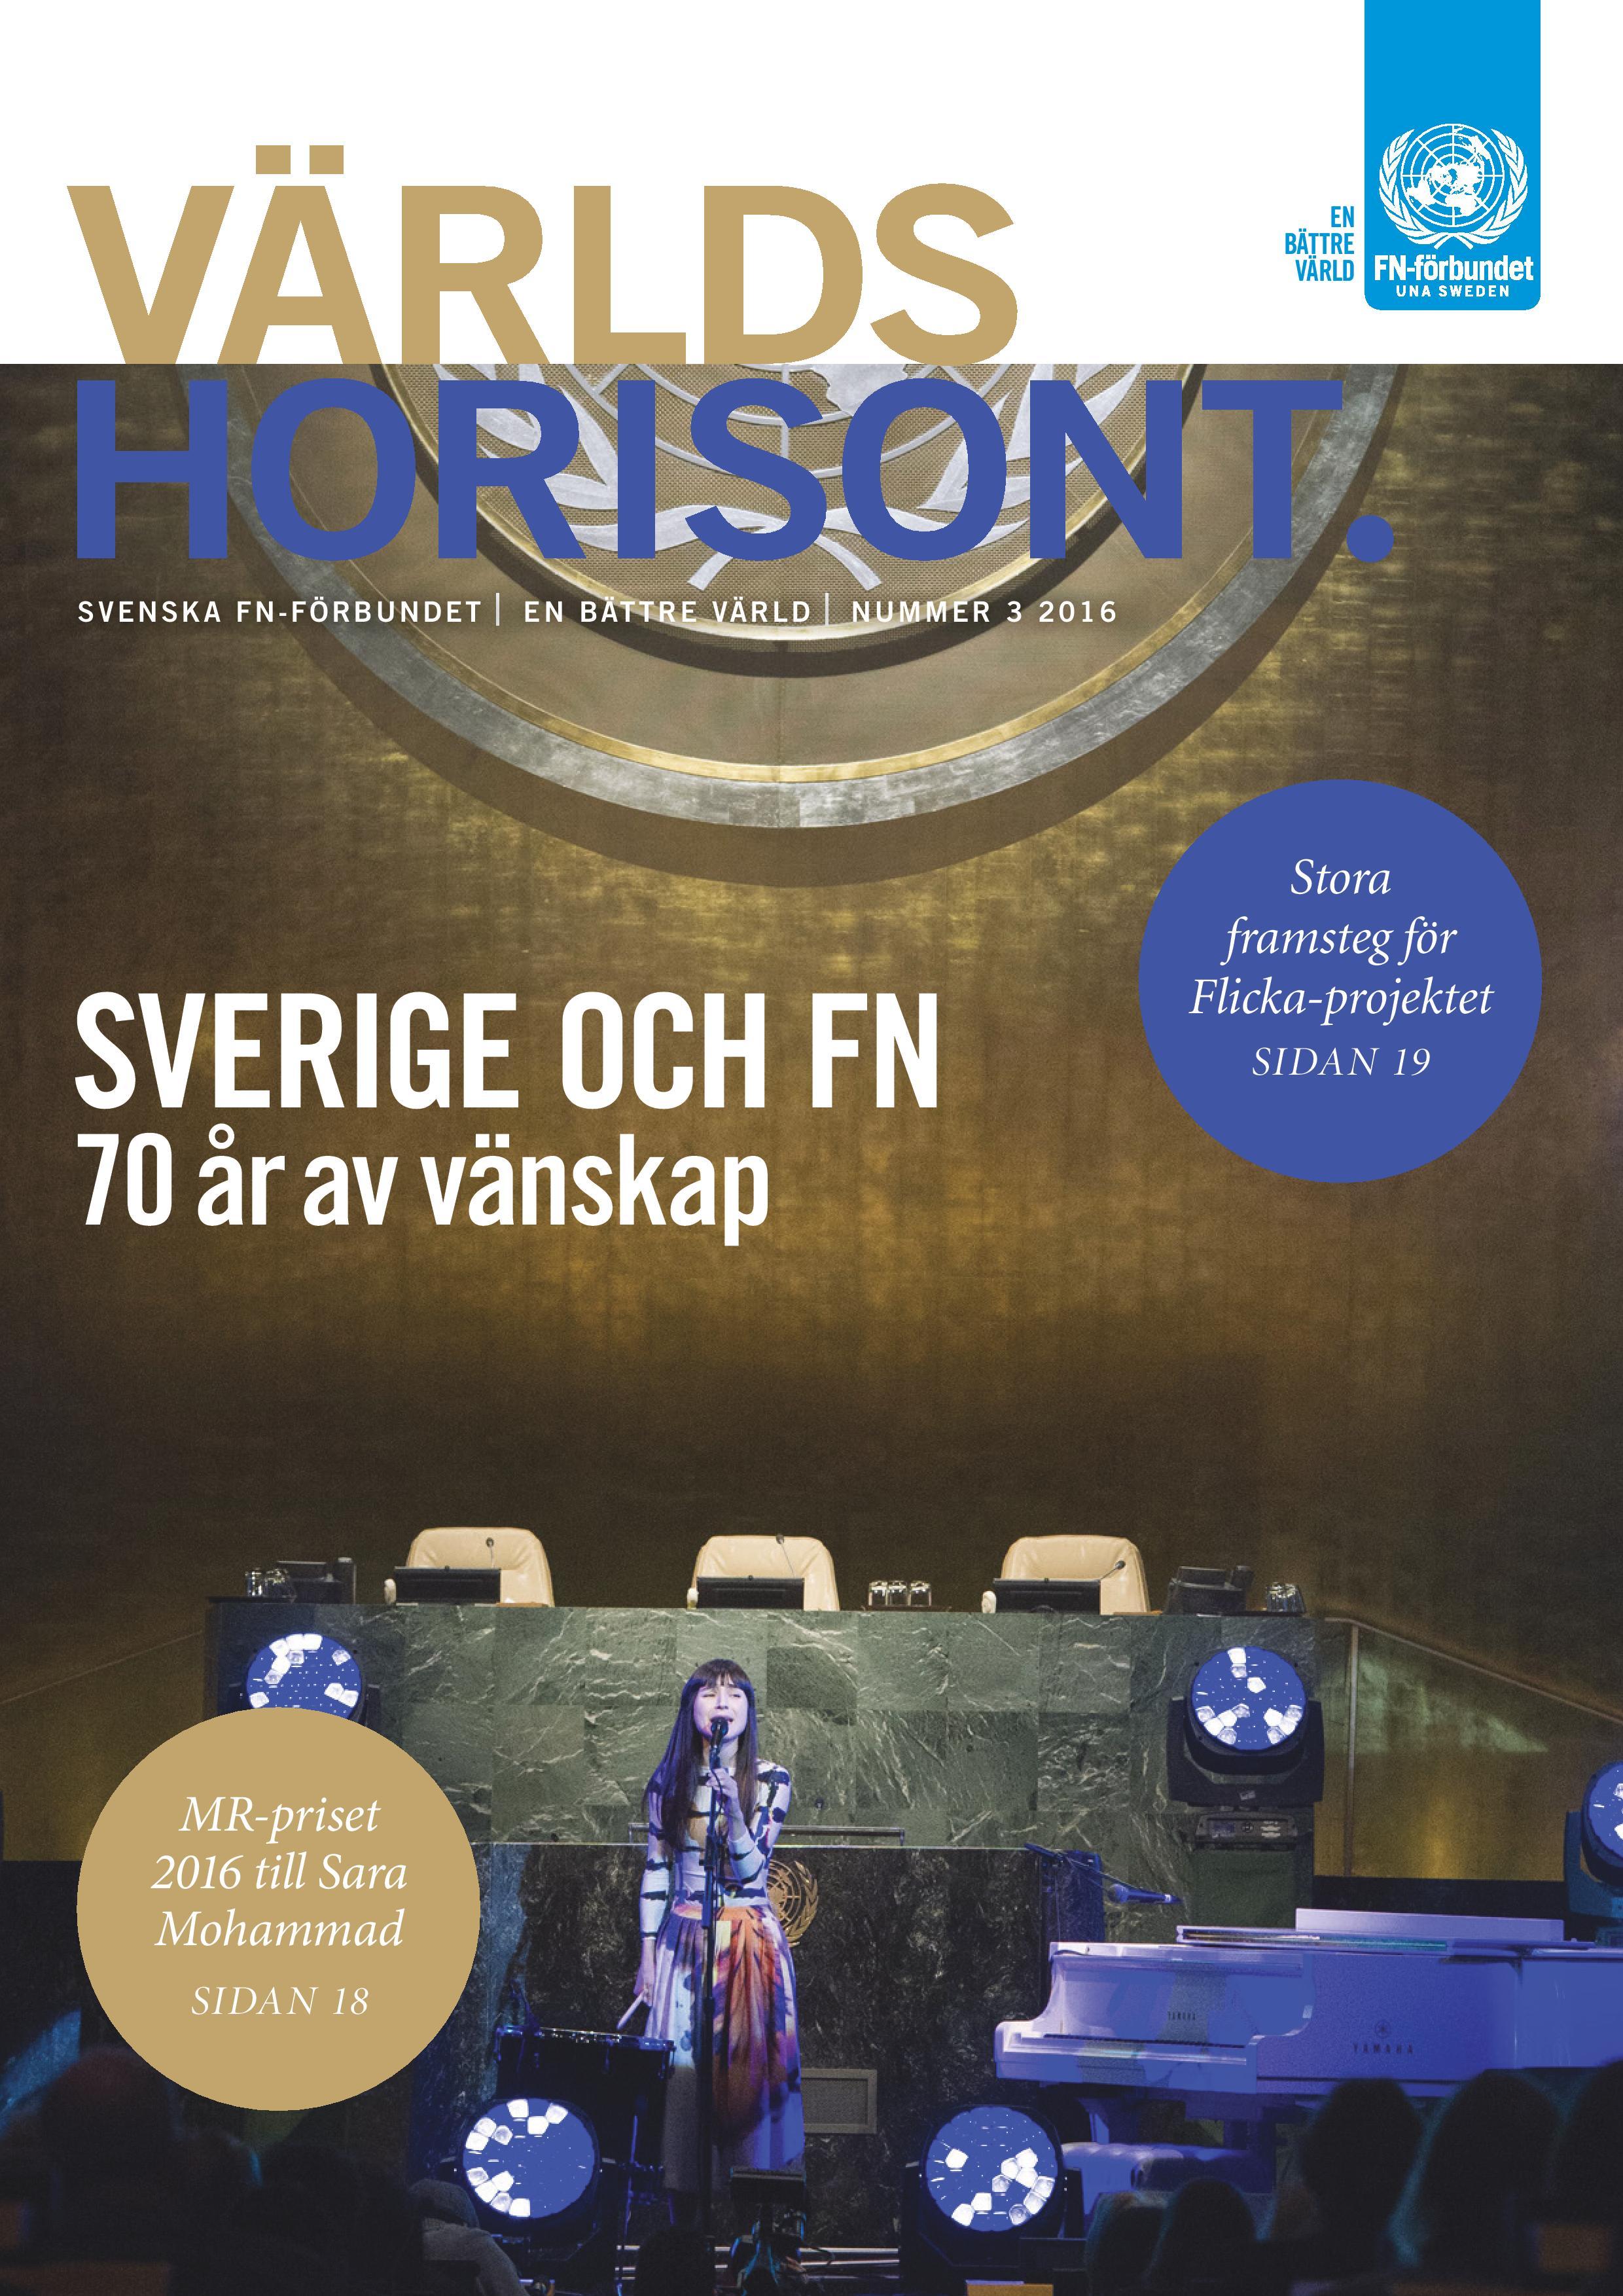 vht-3-16-sverige-och-fn-omslag-page-001-4